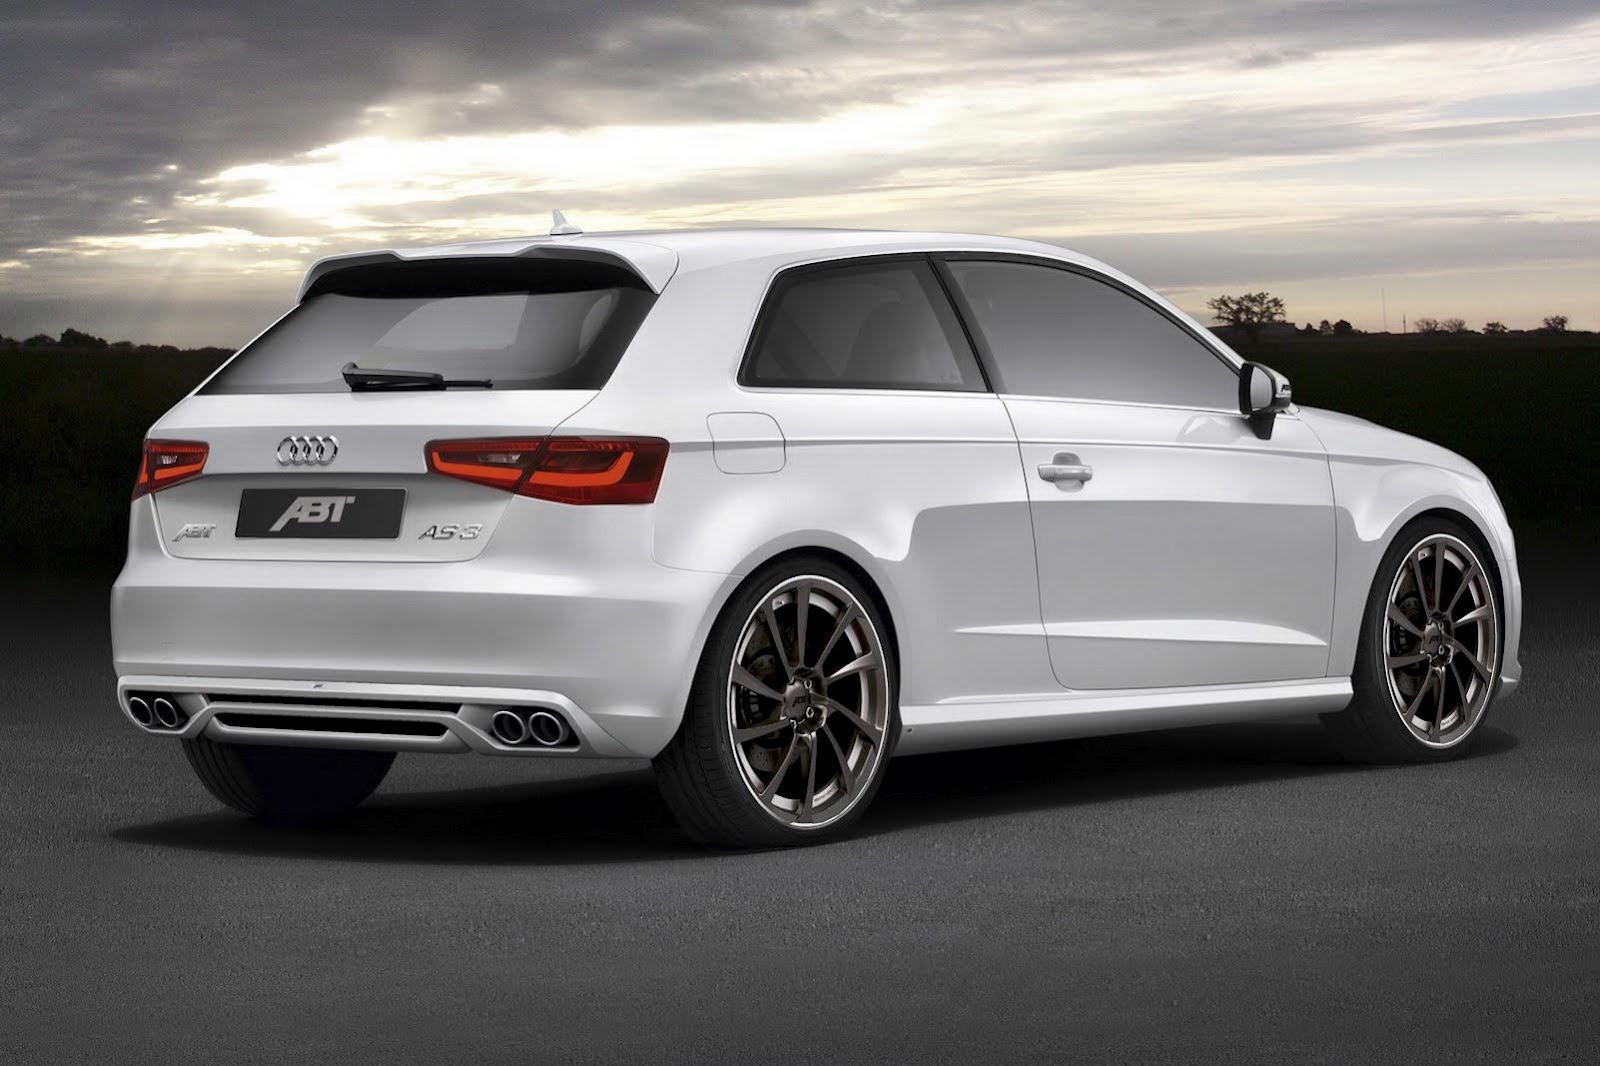 2013 Audi A3 by ABT